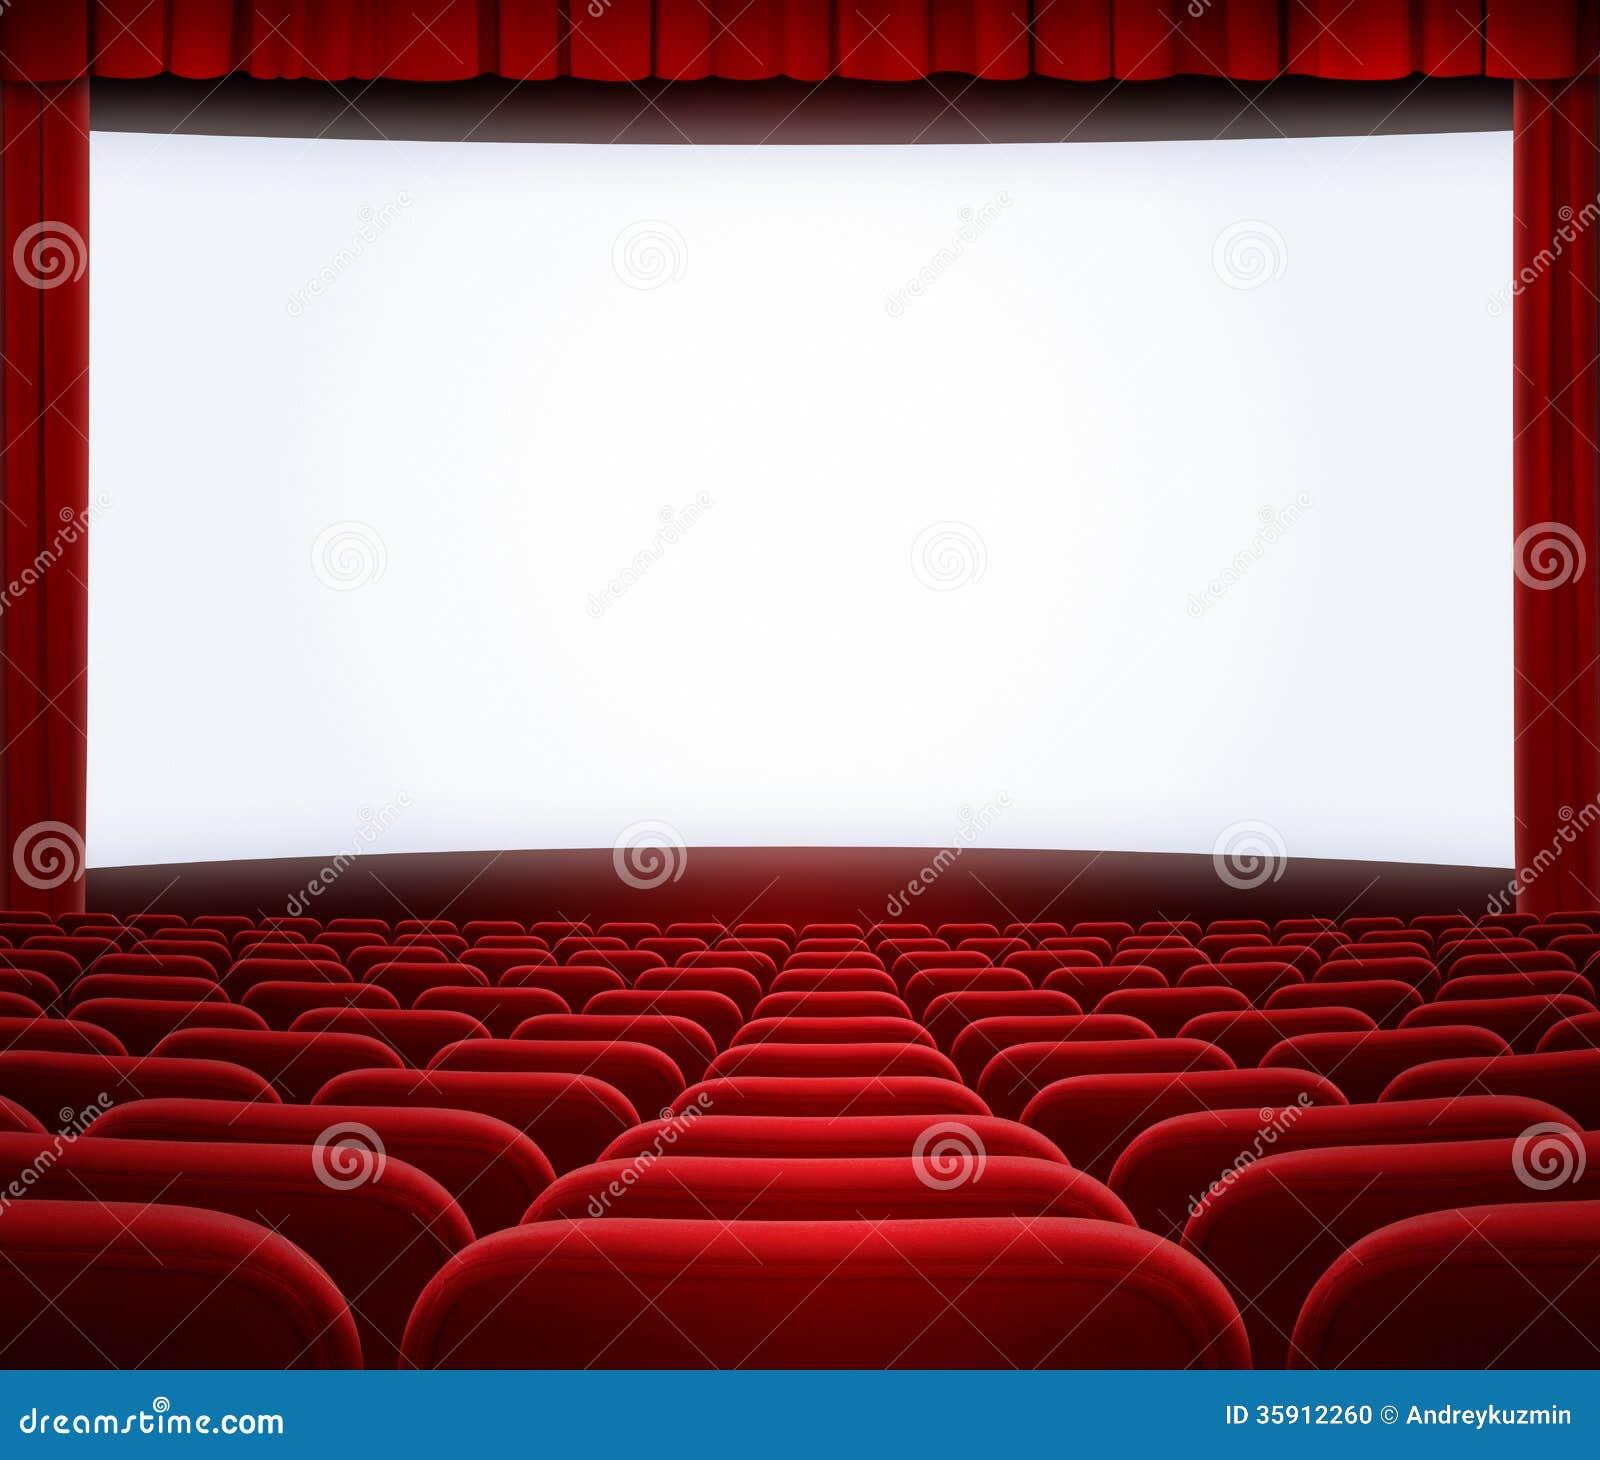 grand cran de cin ma avec le rideau et les si ges rouges photo stock image du pr sentation. Black Bedroom Furniture Sets. Home Design Ideas